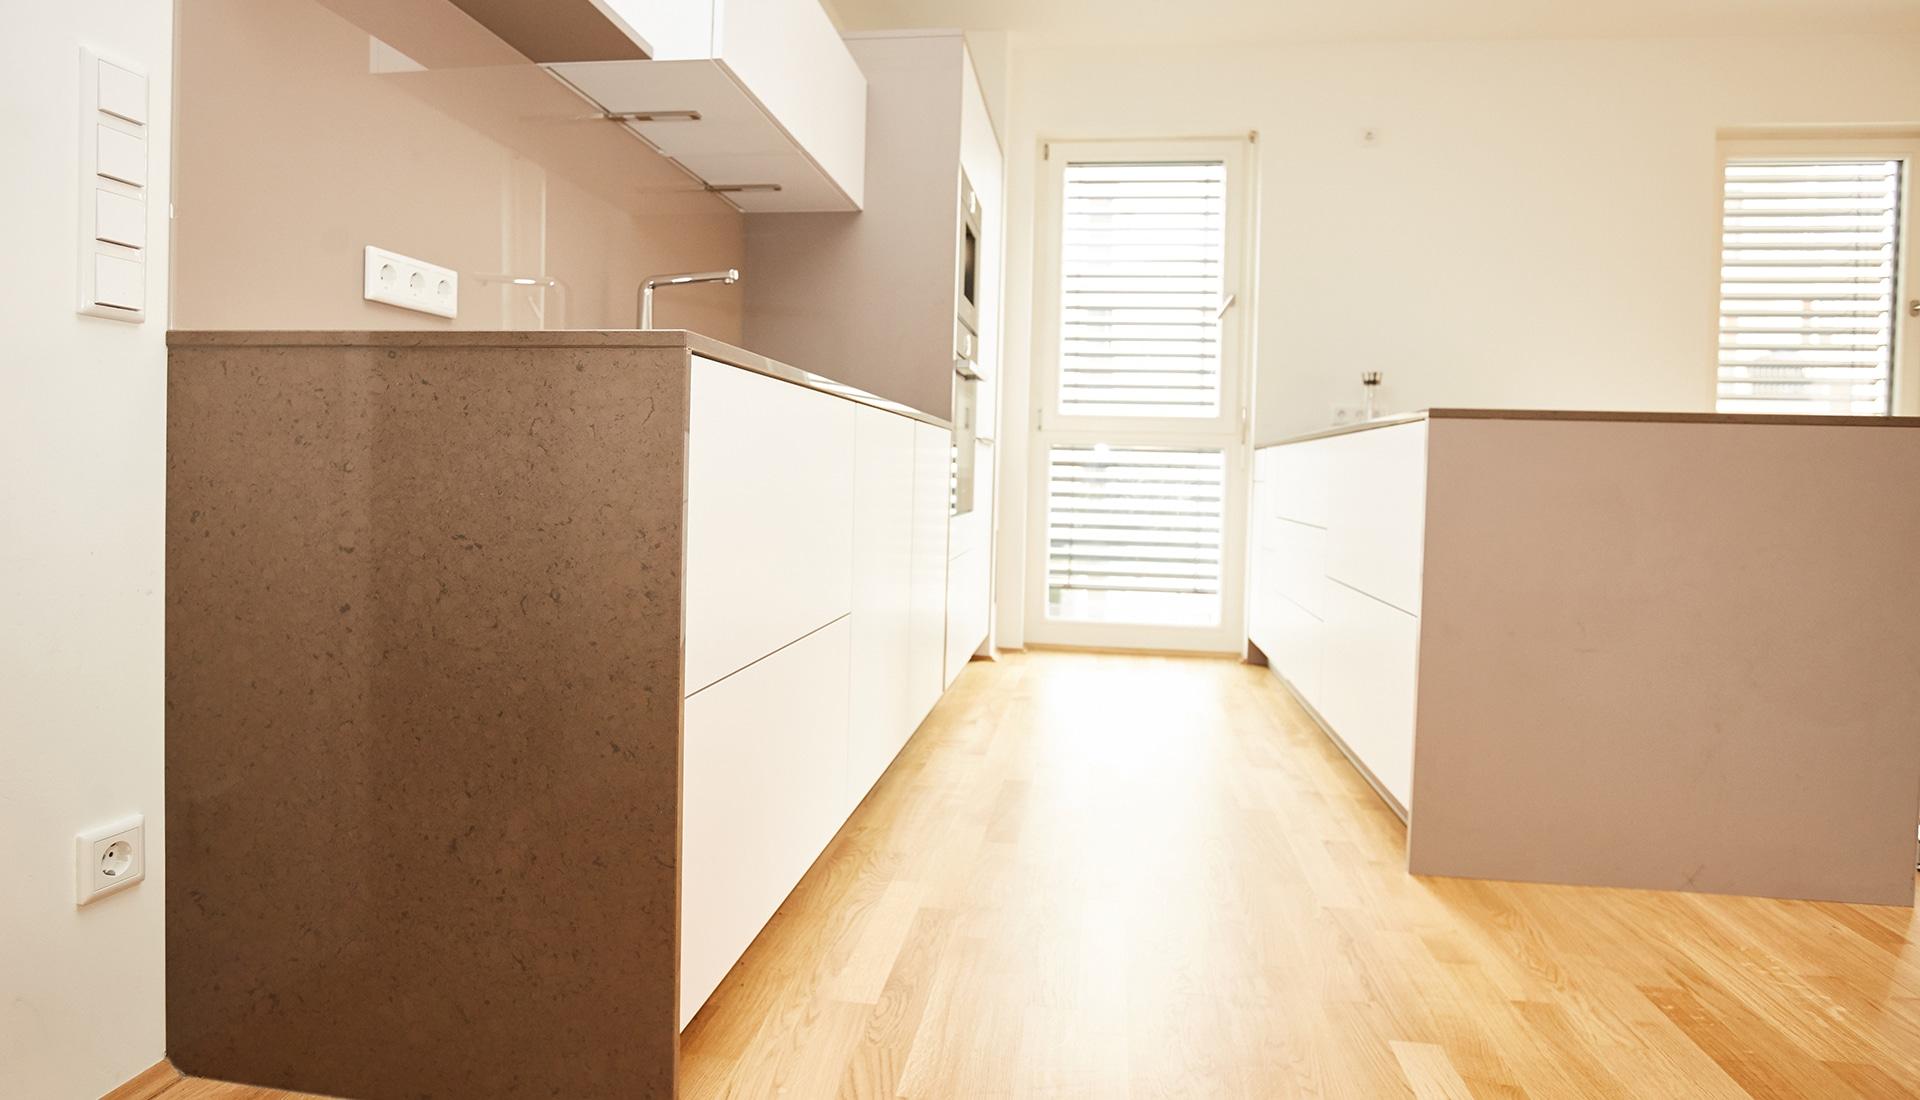 Niedlich Küchenbüro Entwirft Ideen Bilder - Ideen Für Die Küche ...